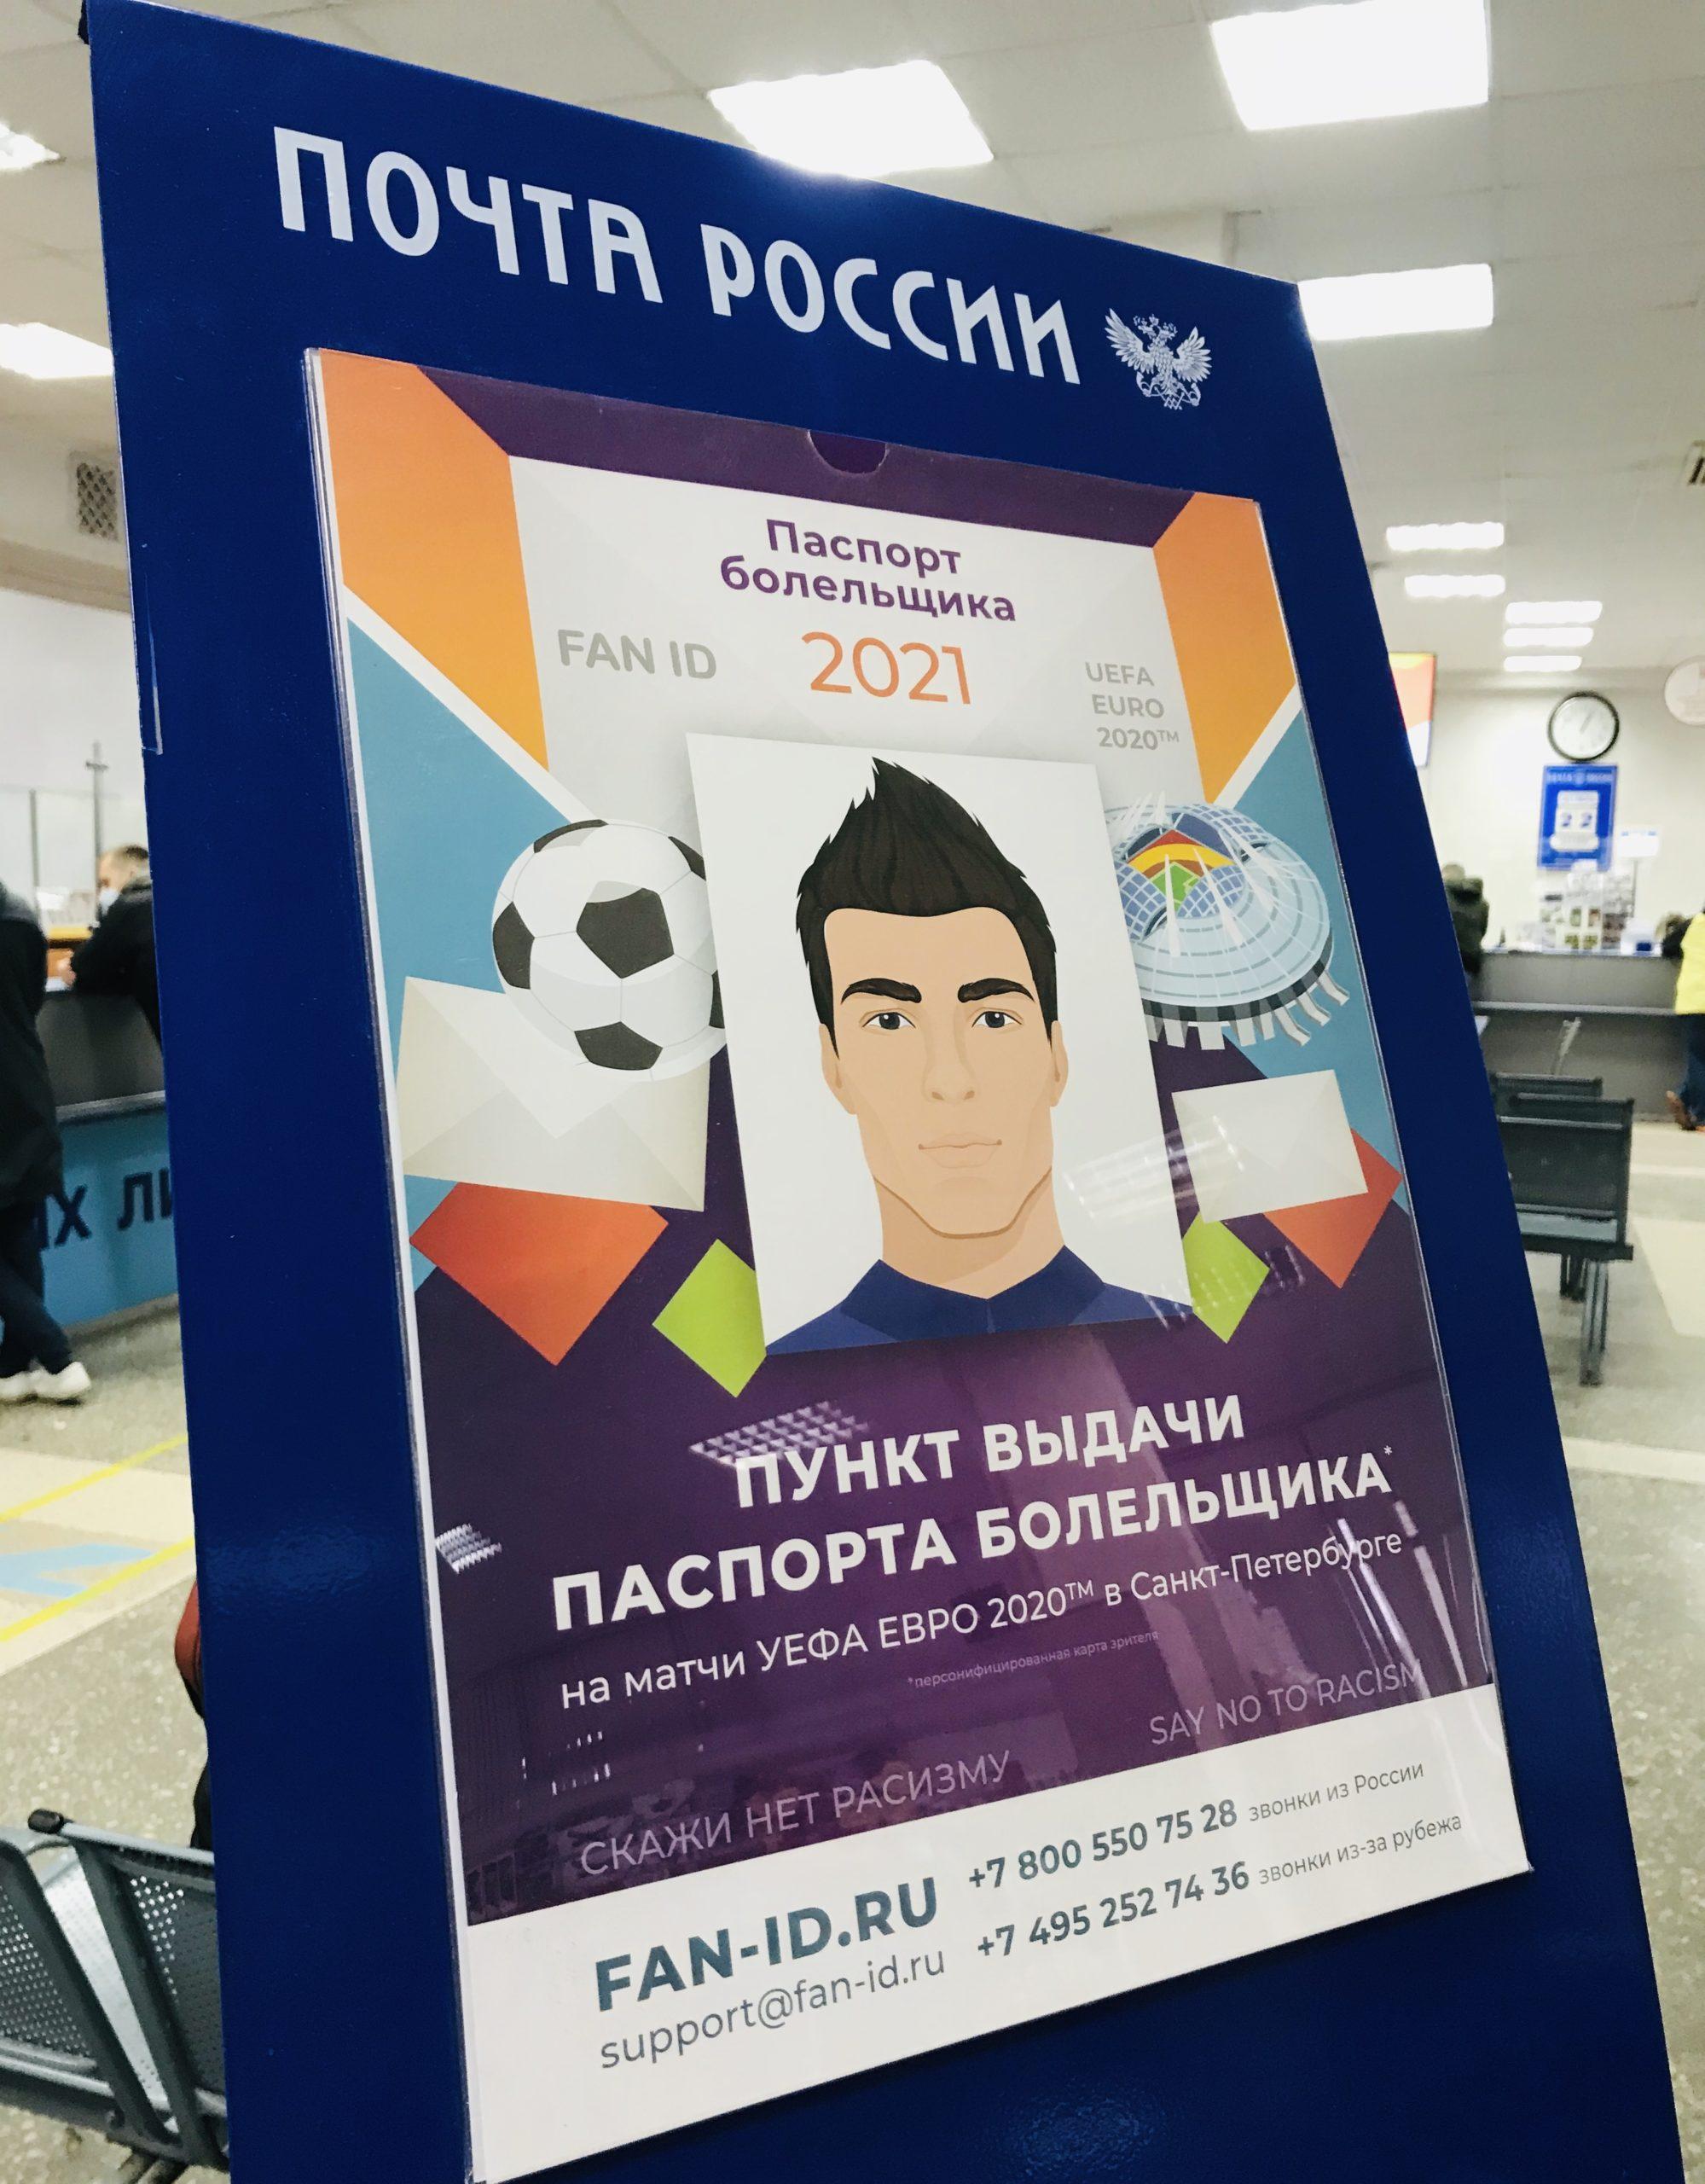 Паспорт болельщика УЕФА ЕВРО 2020 можно получить на почте в Тверской области